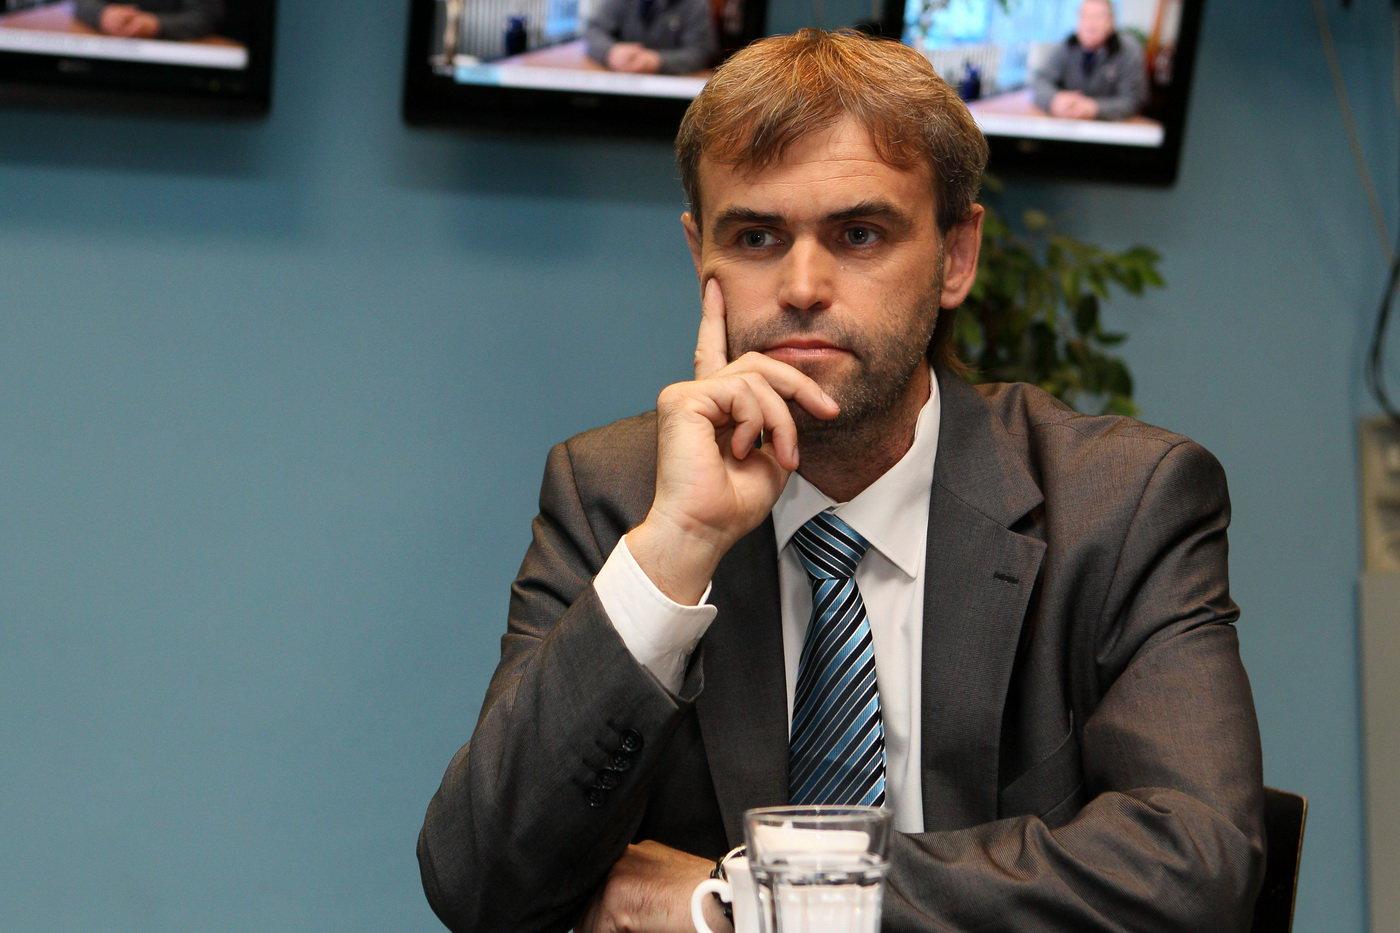 Ředitel Útvaru pro odhalování organizovaného zločinu Robert Šlachta.